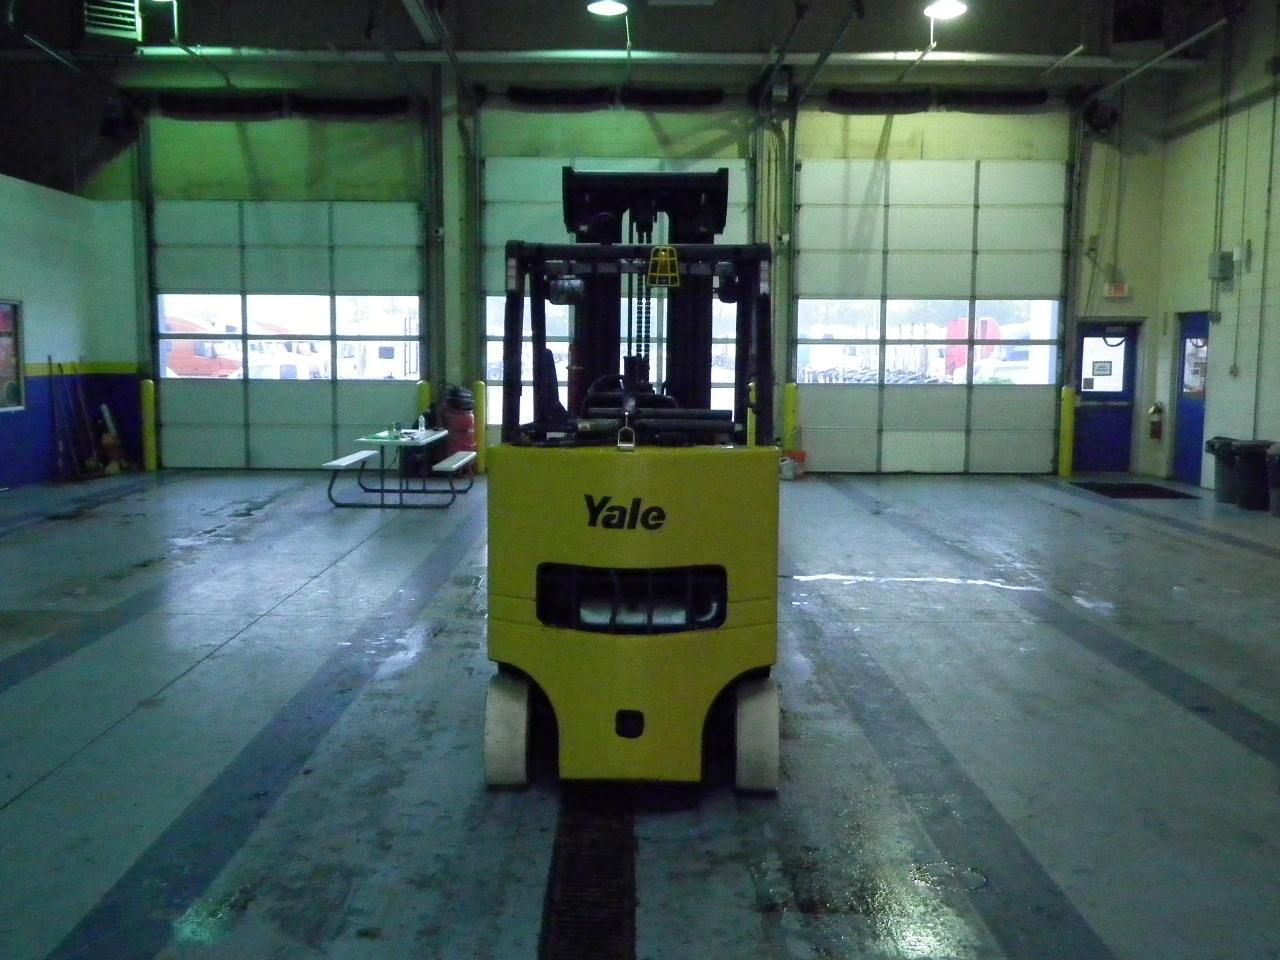 2011 Yale GLC080VXNGS